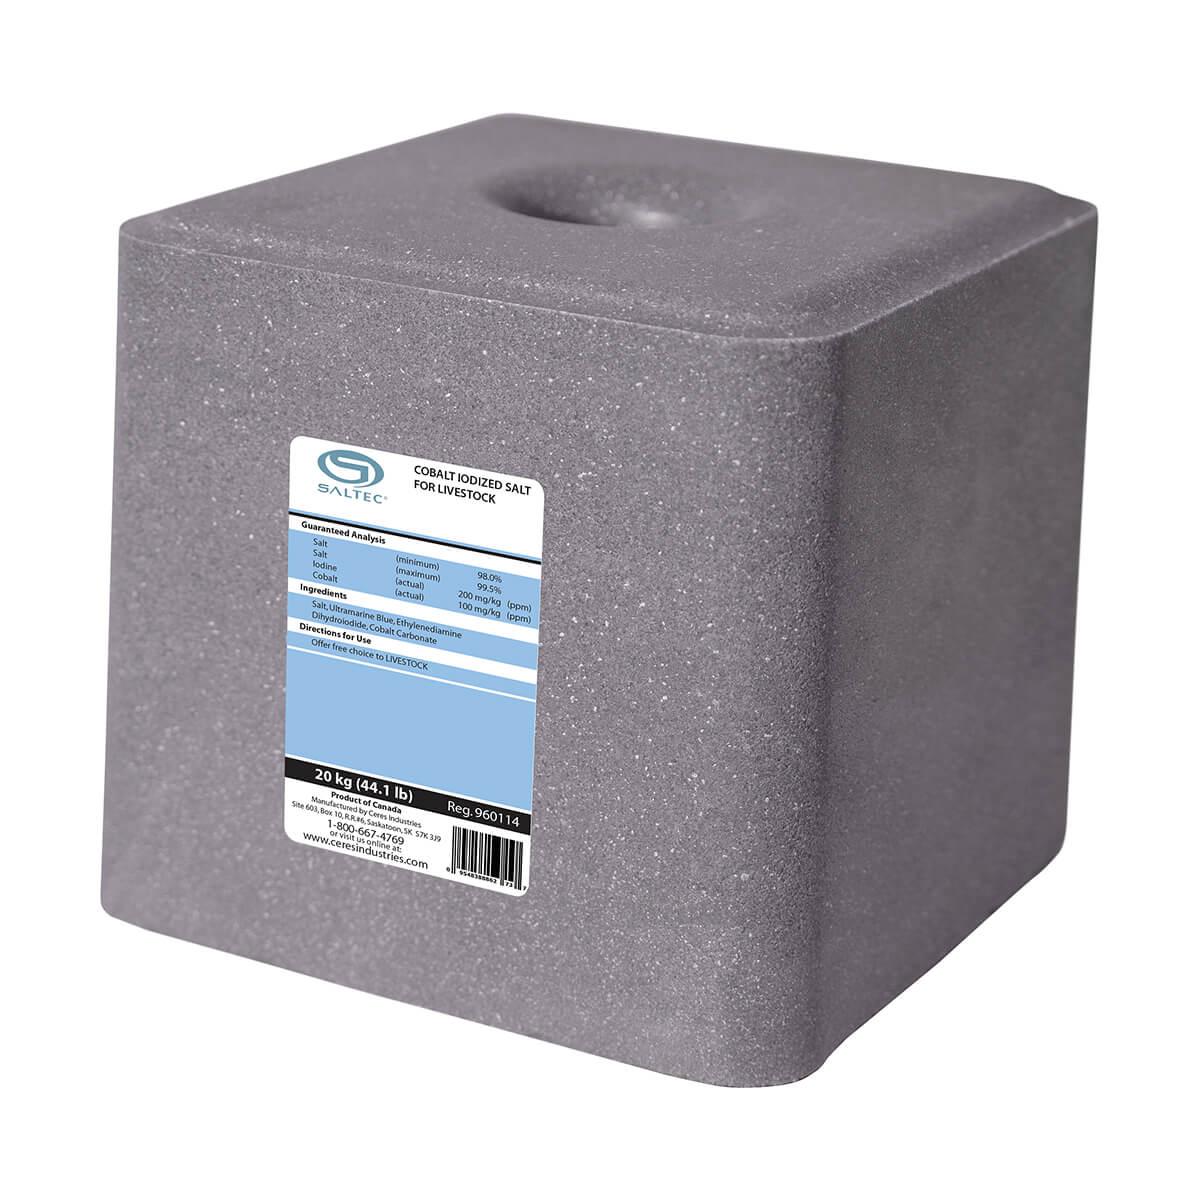 Saltec Cobalt Salt Block 20 kg